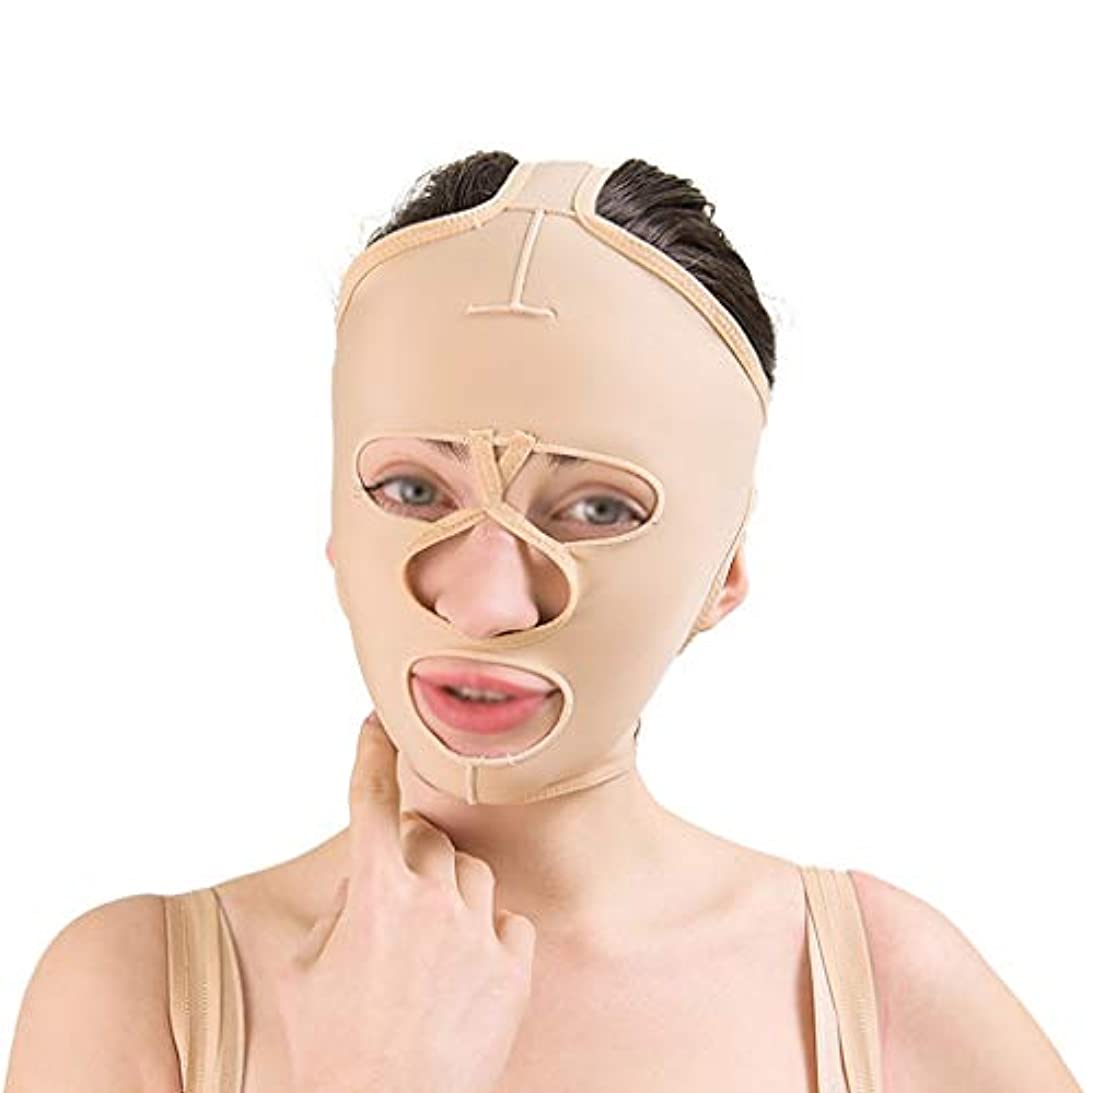 カスタム資格情報辞書フェイシャルリフティングツール、フェイシャルビューティリフティングマスク、通気性のあるファーミングリフティングフェイシャル包帯、フェイシャルタイトバンデージ (Size : S)